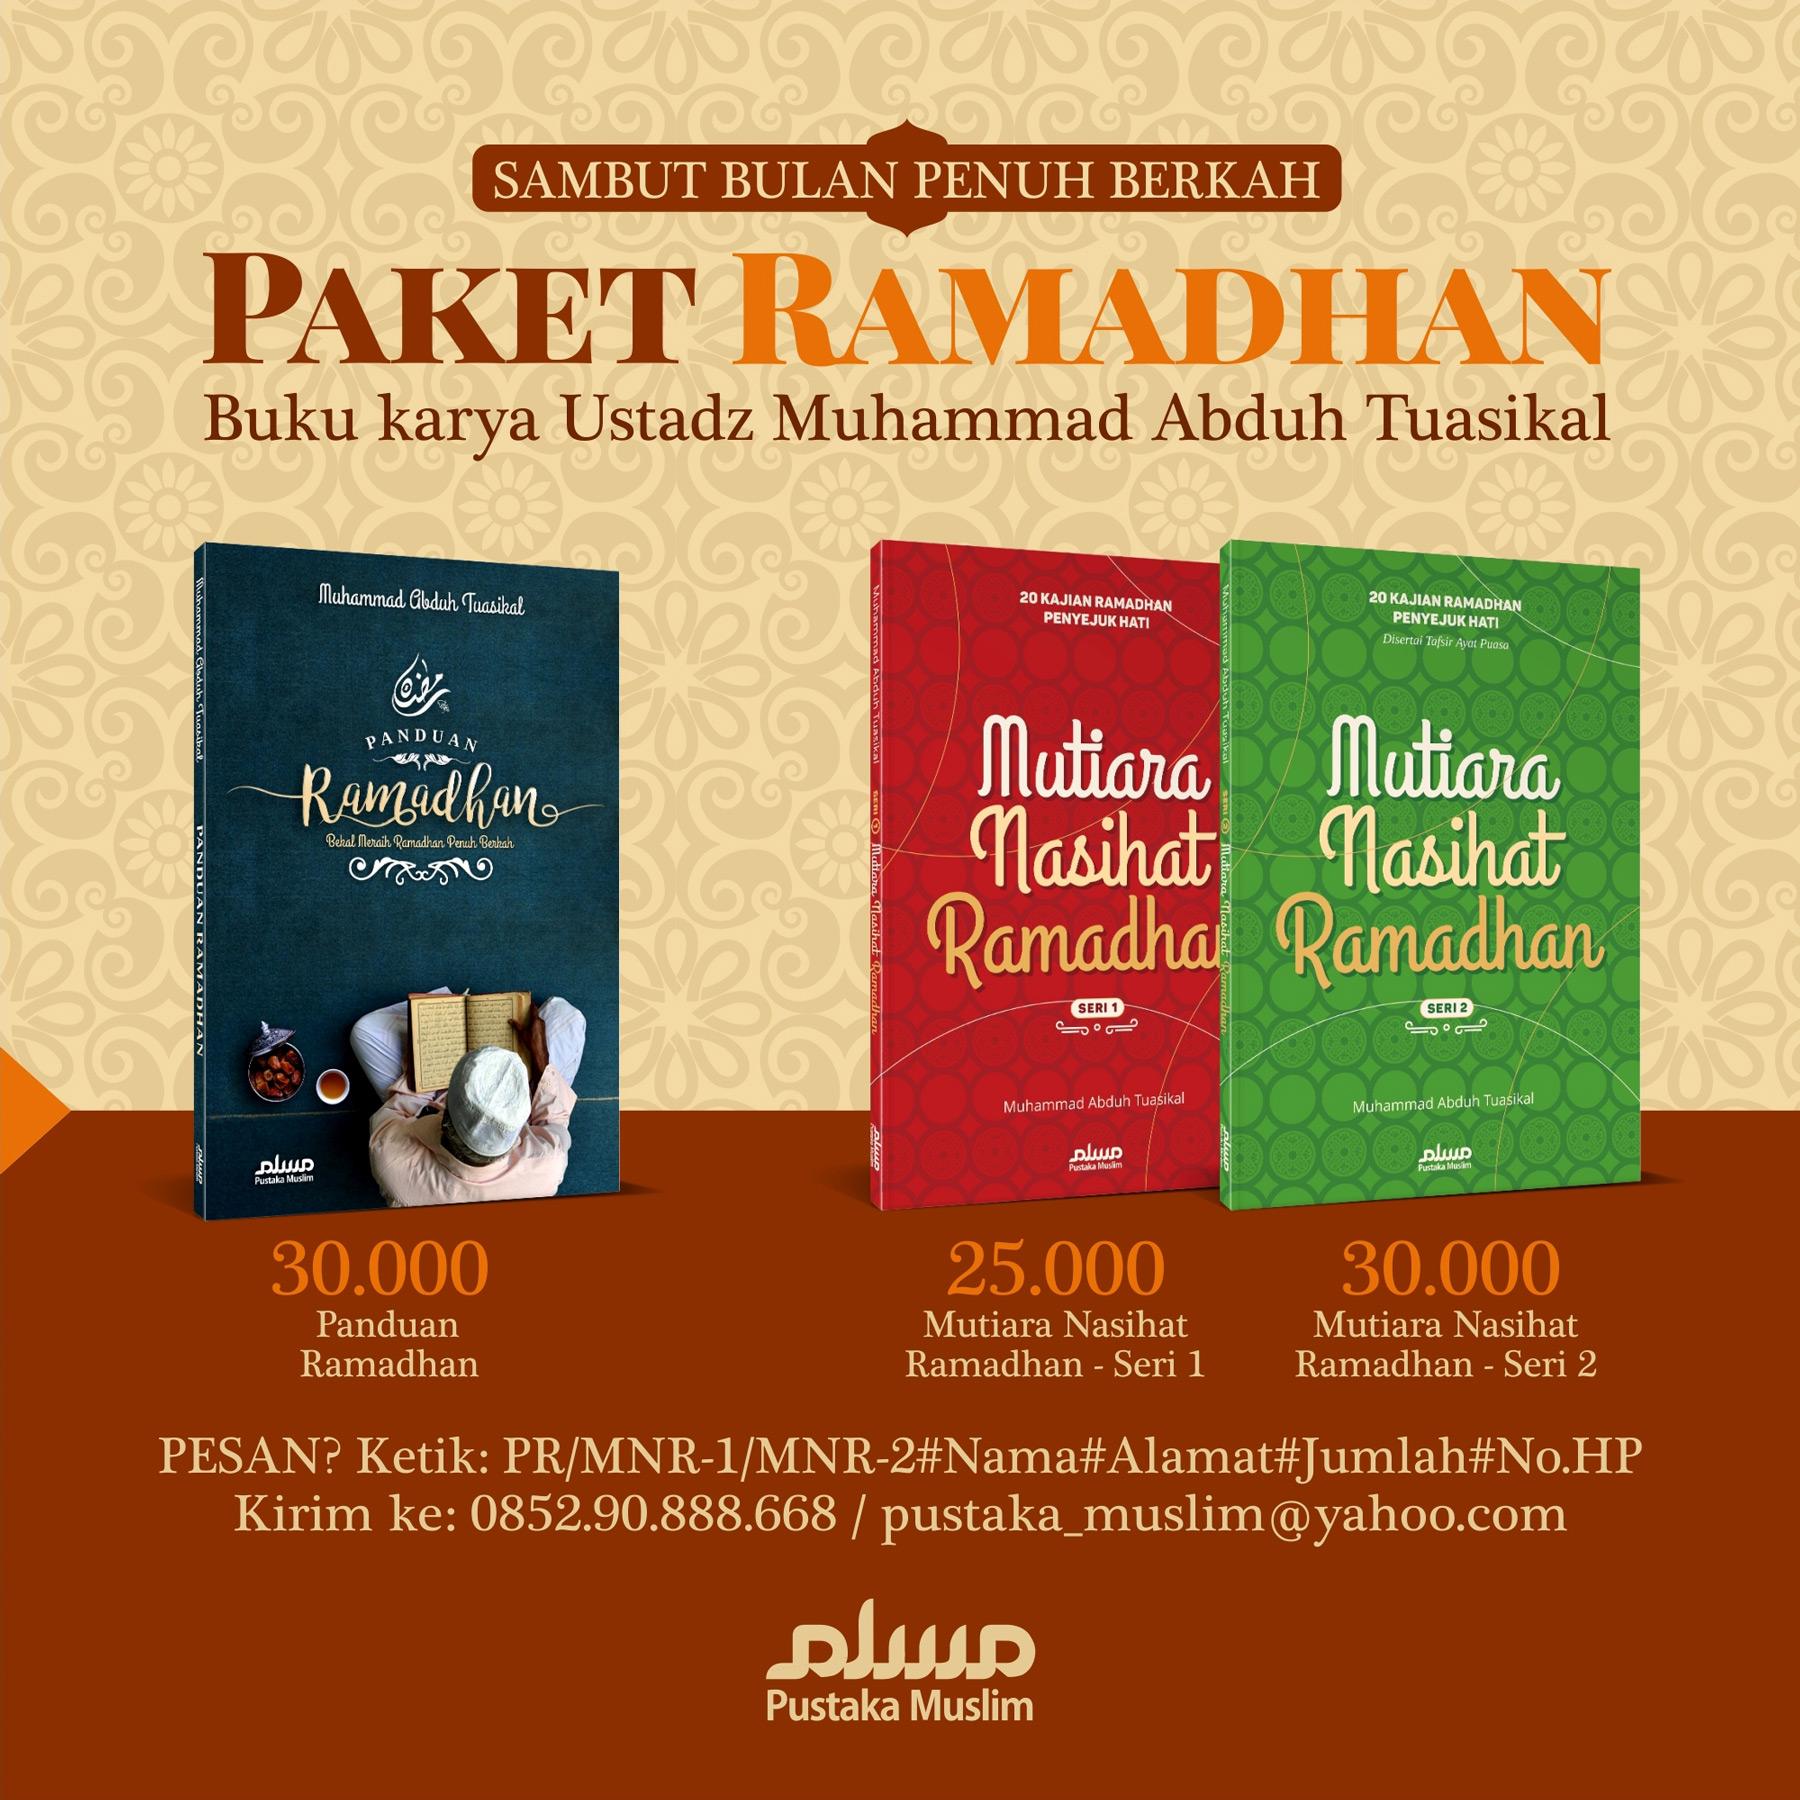 Web-Banner-Paket-Buku-Ramadhan-Square